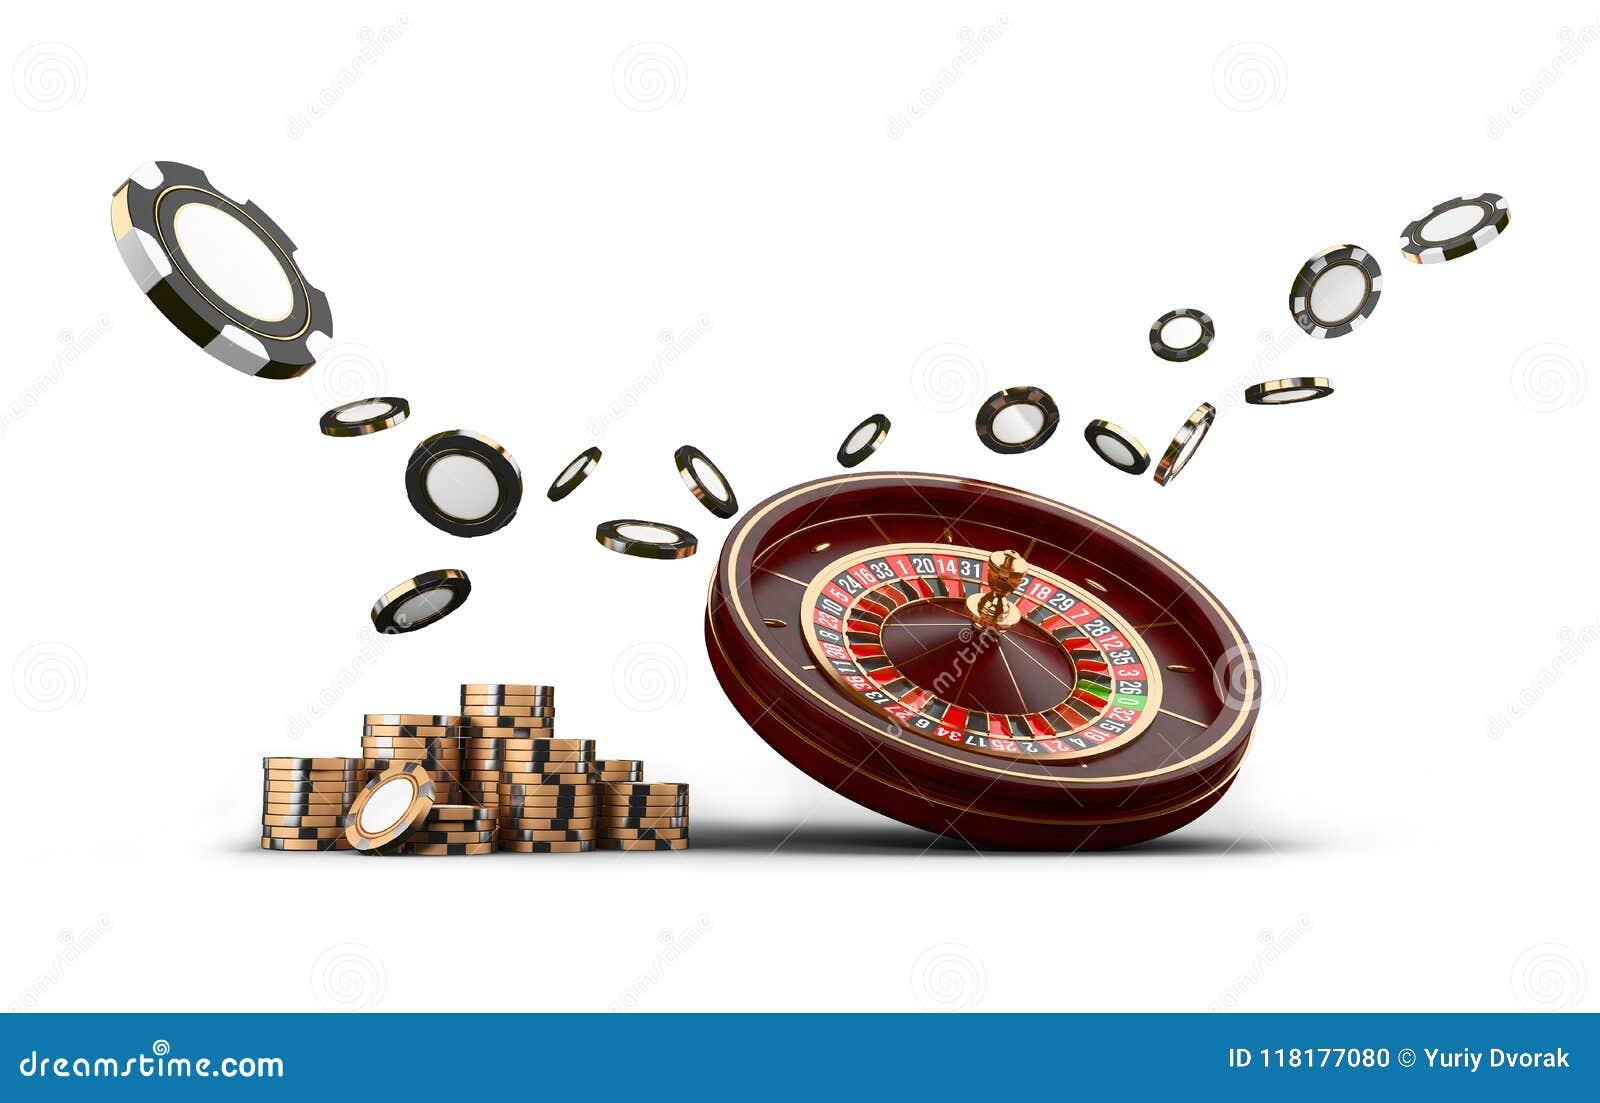 Microplaquetas da roda de roleta do casino isoladas no branco Microplaquetas do jogo 3D do casino Bandeira em linha do casino Mic